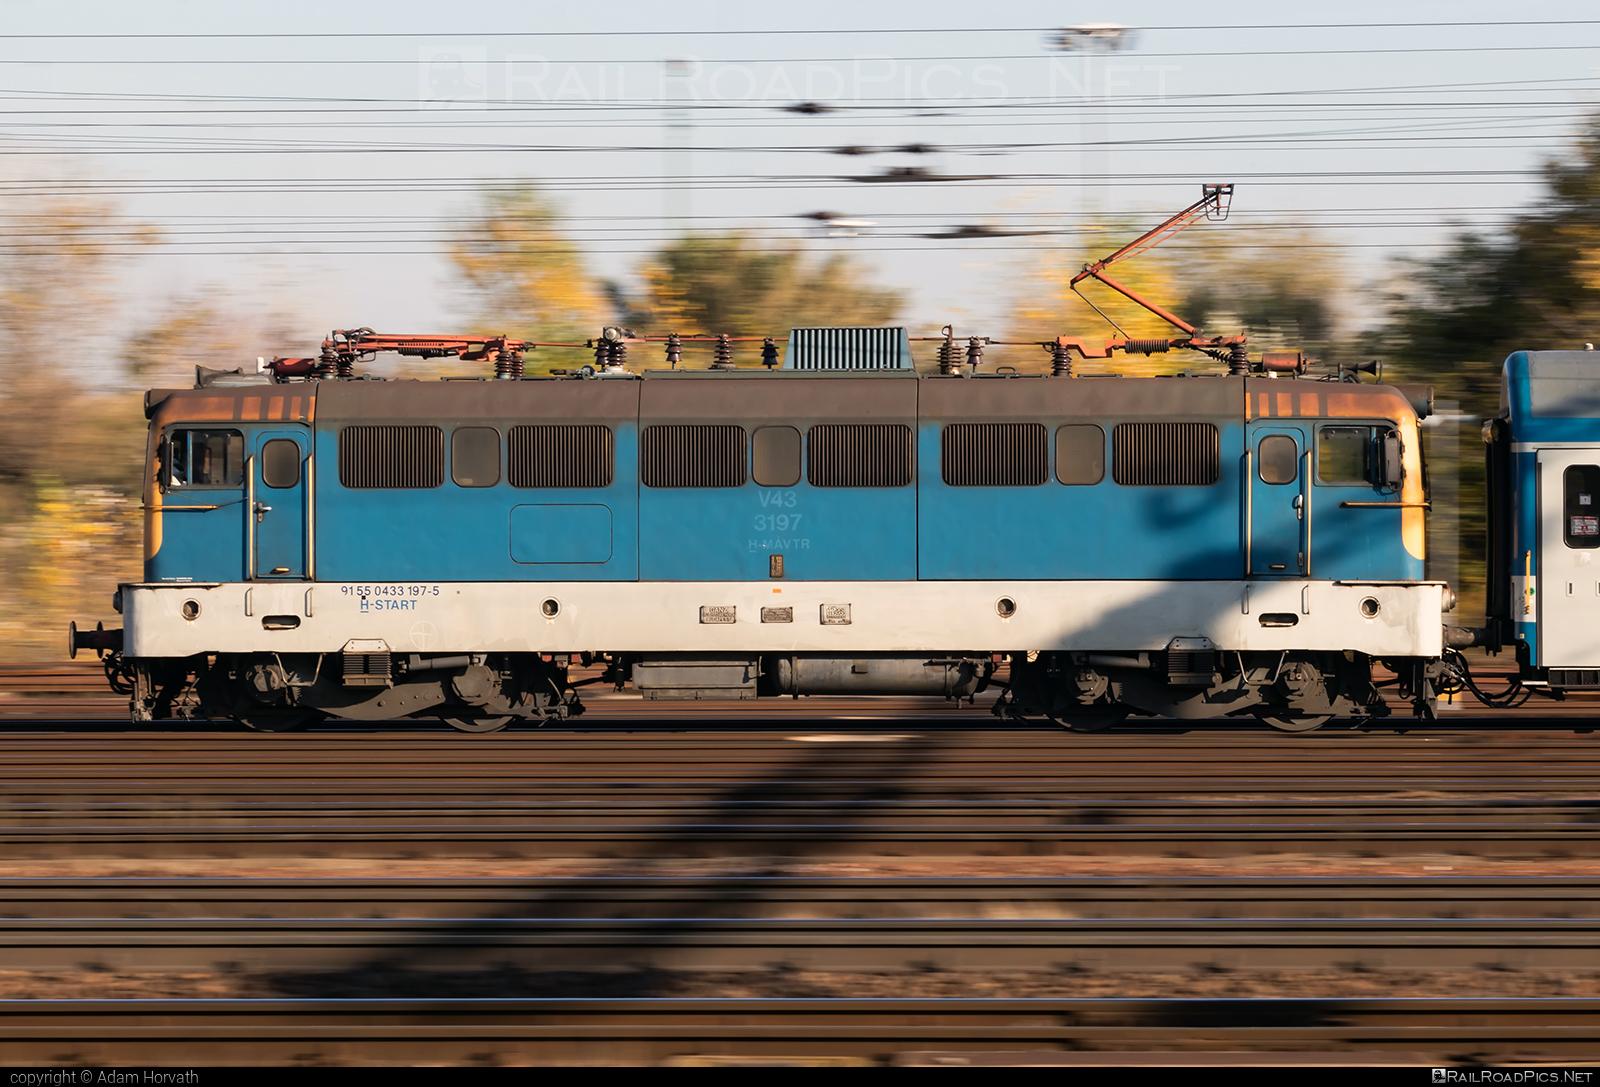 Ganz-MÁVAG VM14-15 - 433 197 operated by MÁV-START ZRt. #ganz43 #ganz431 #ganzmavag #ganzmavag43 #ganzmavag431 #ganzmavagvm1415 #mav #mavstart #mavstartzrt #v43locomotive